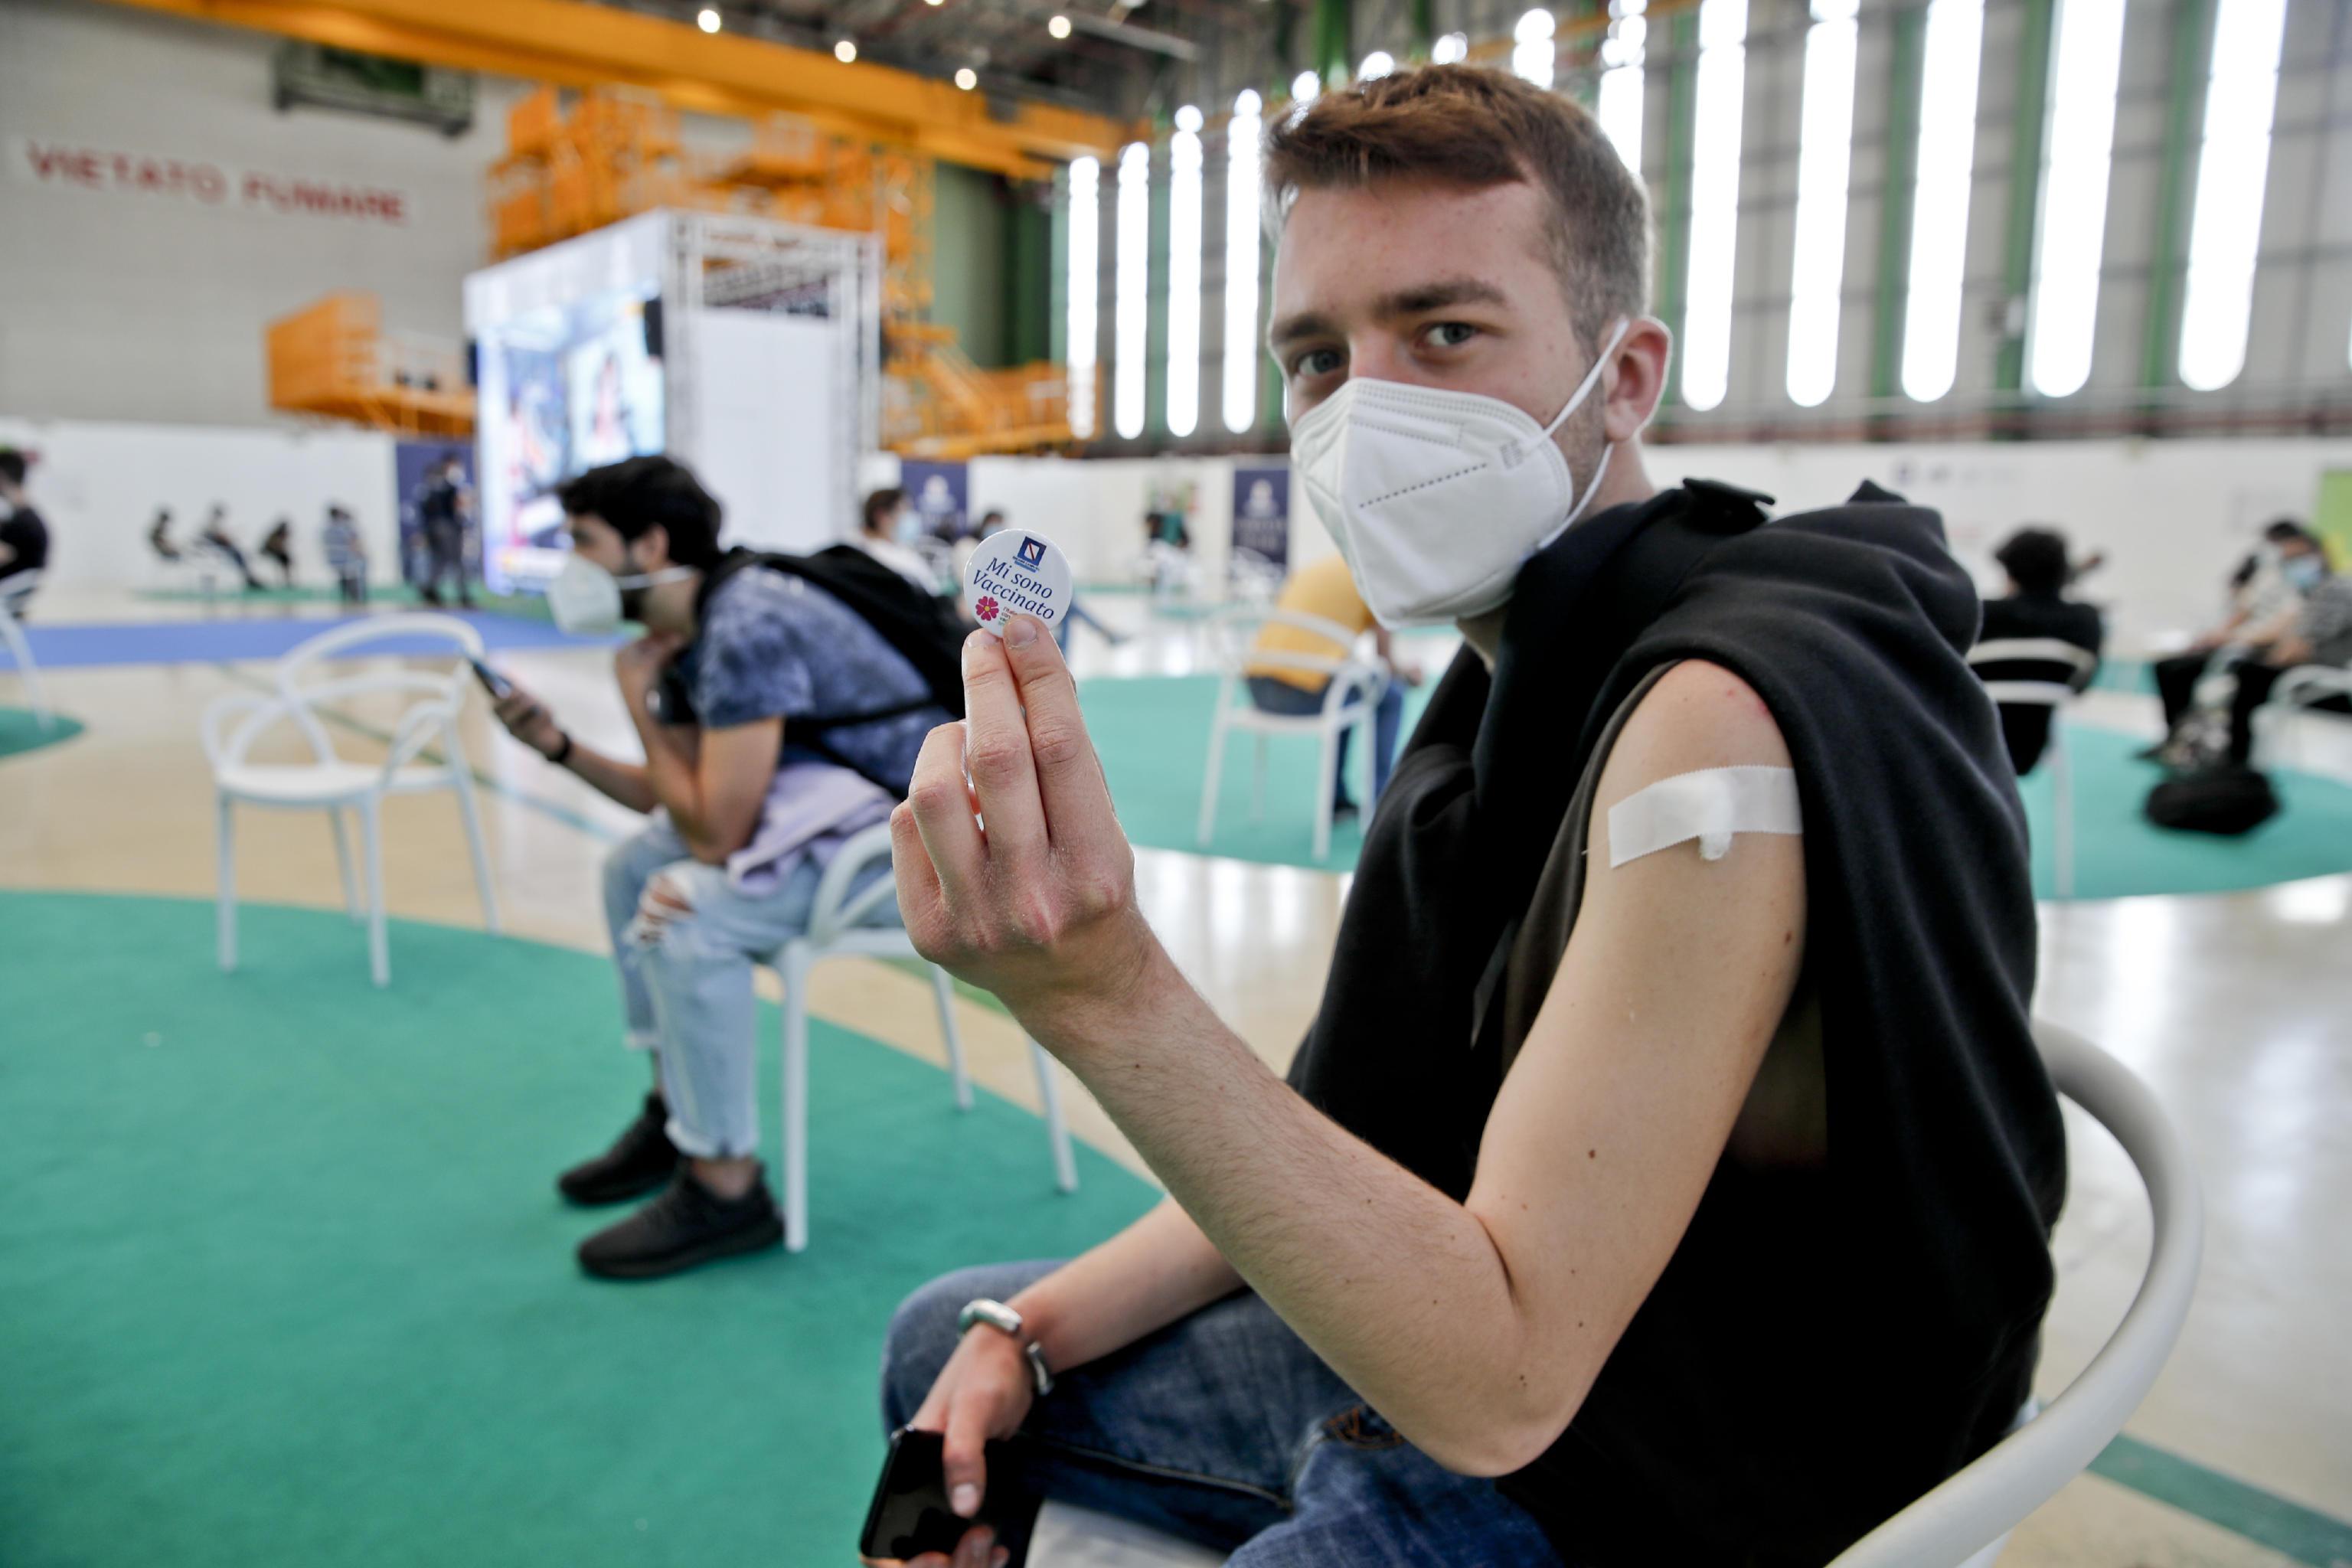 Vaccinazioni, la Regione Lombardia: seconda dose eterologa per gli under 60 in base alla disponibilità